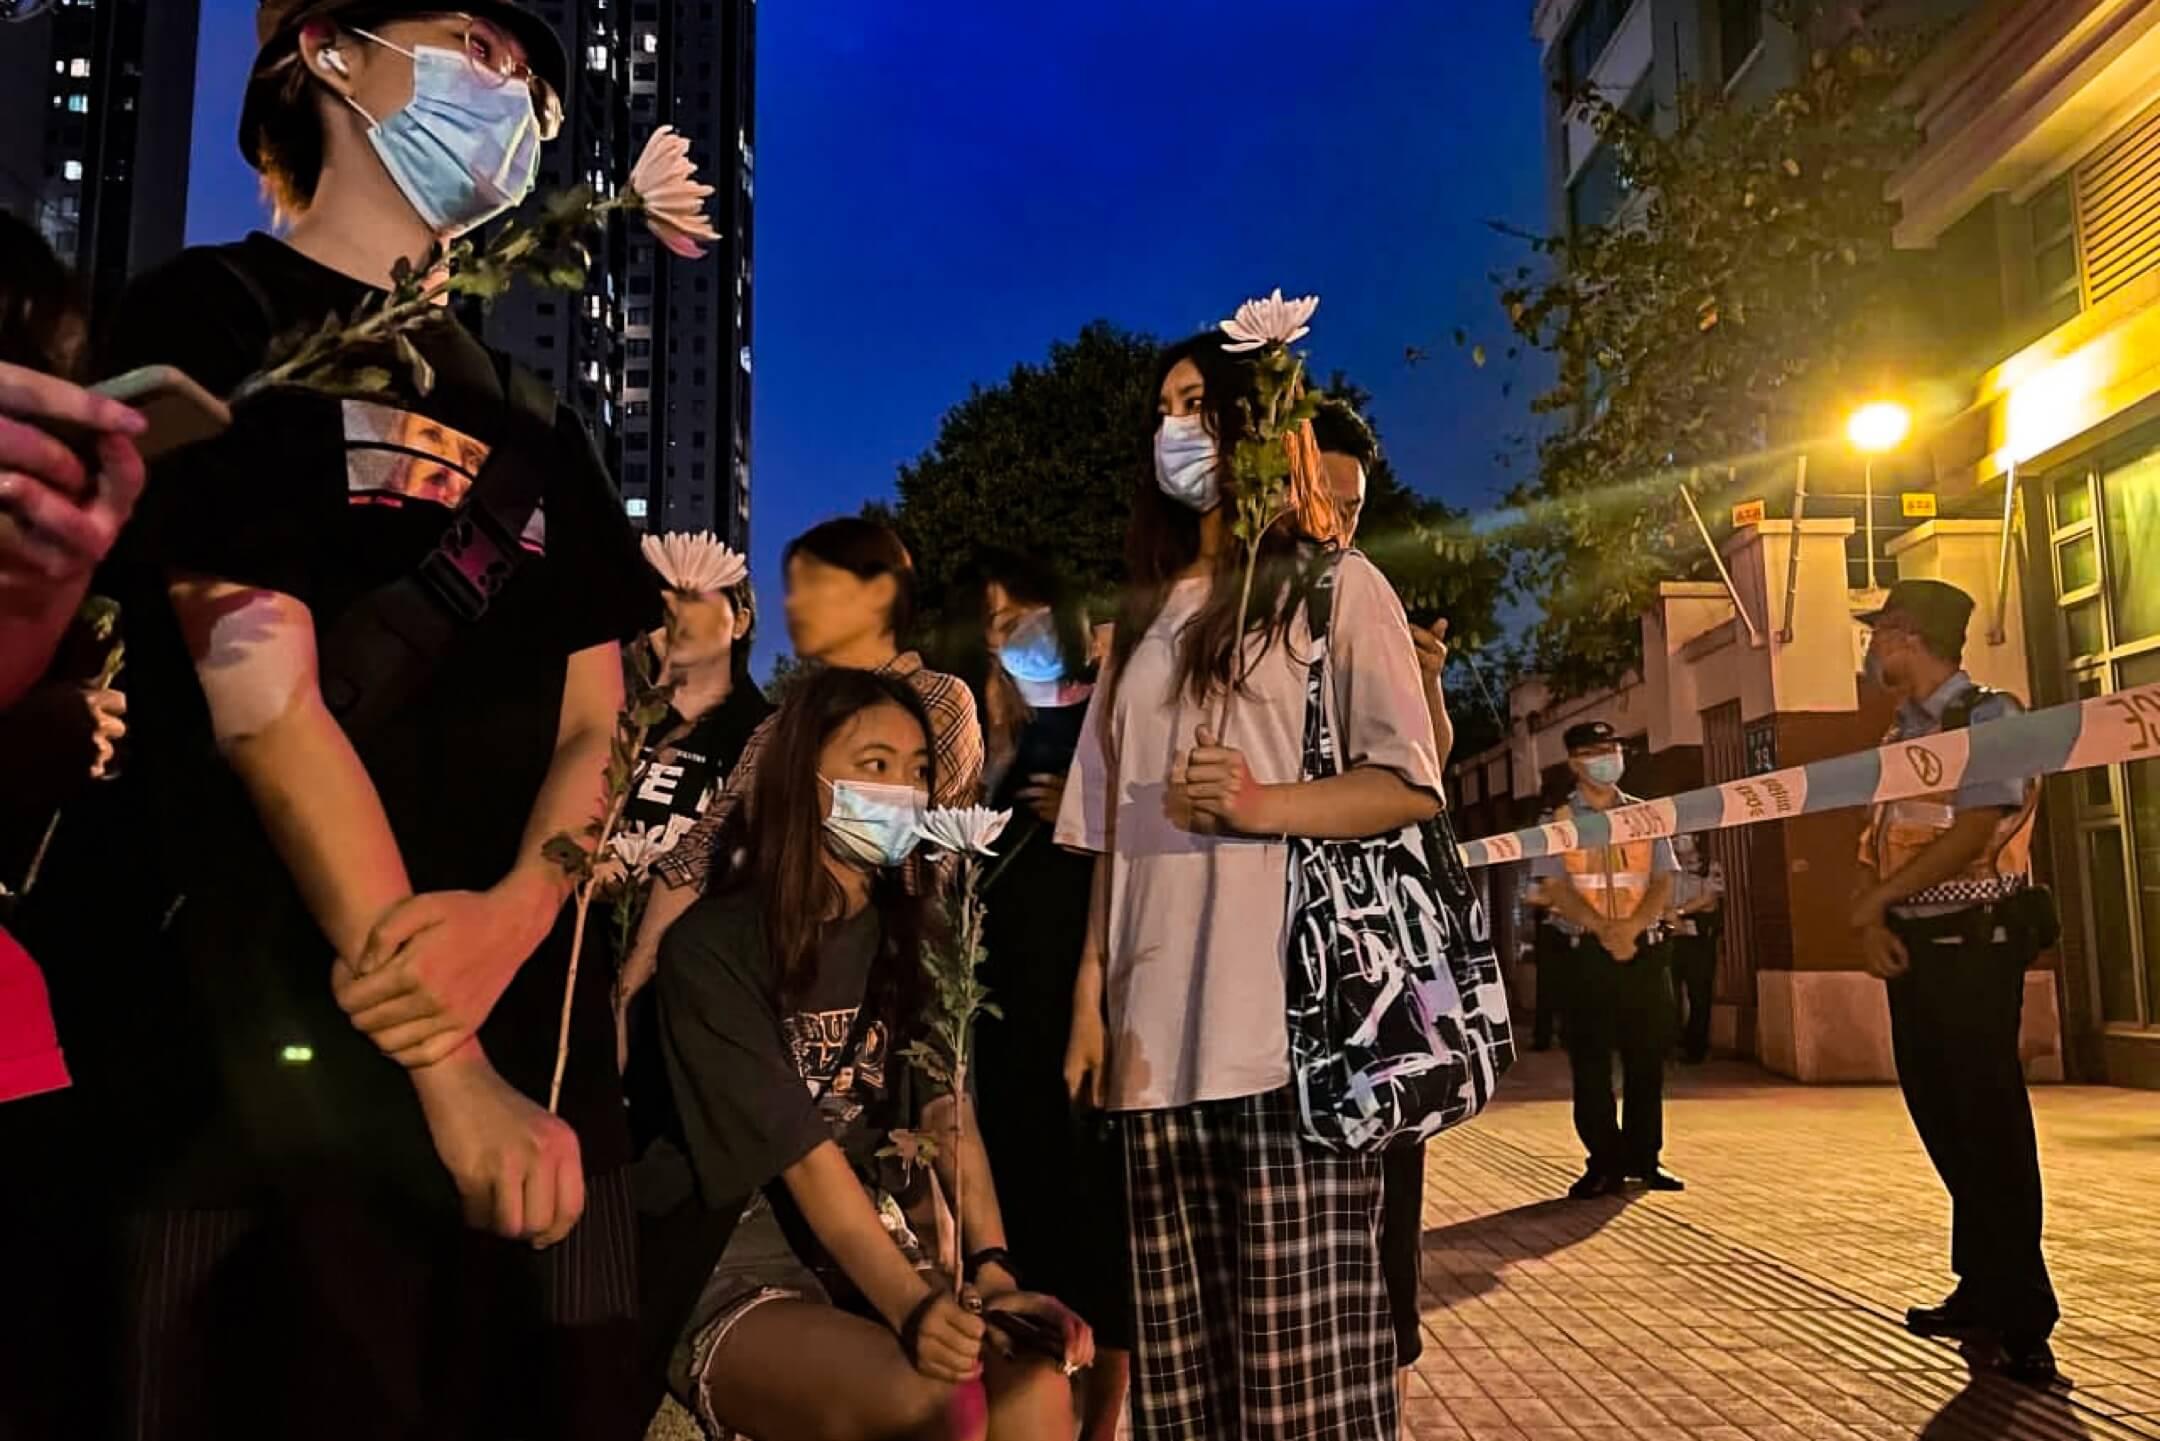 2021年5月11日,成都49中門外,民眾拿著鮮花前來悼念墮樓身亡學生林唯麒。 網上圖片